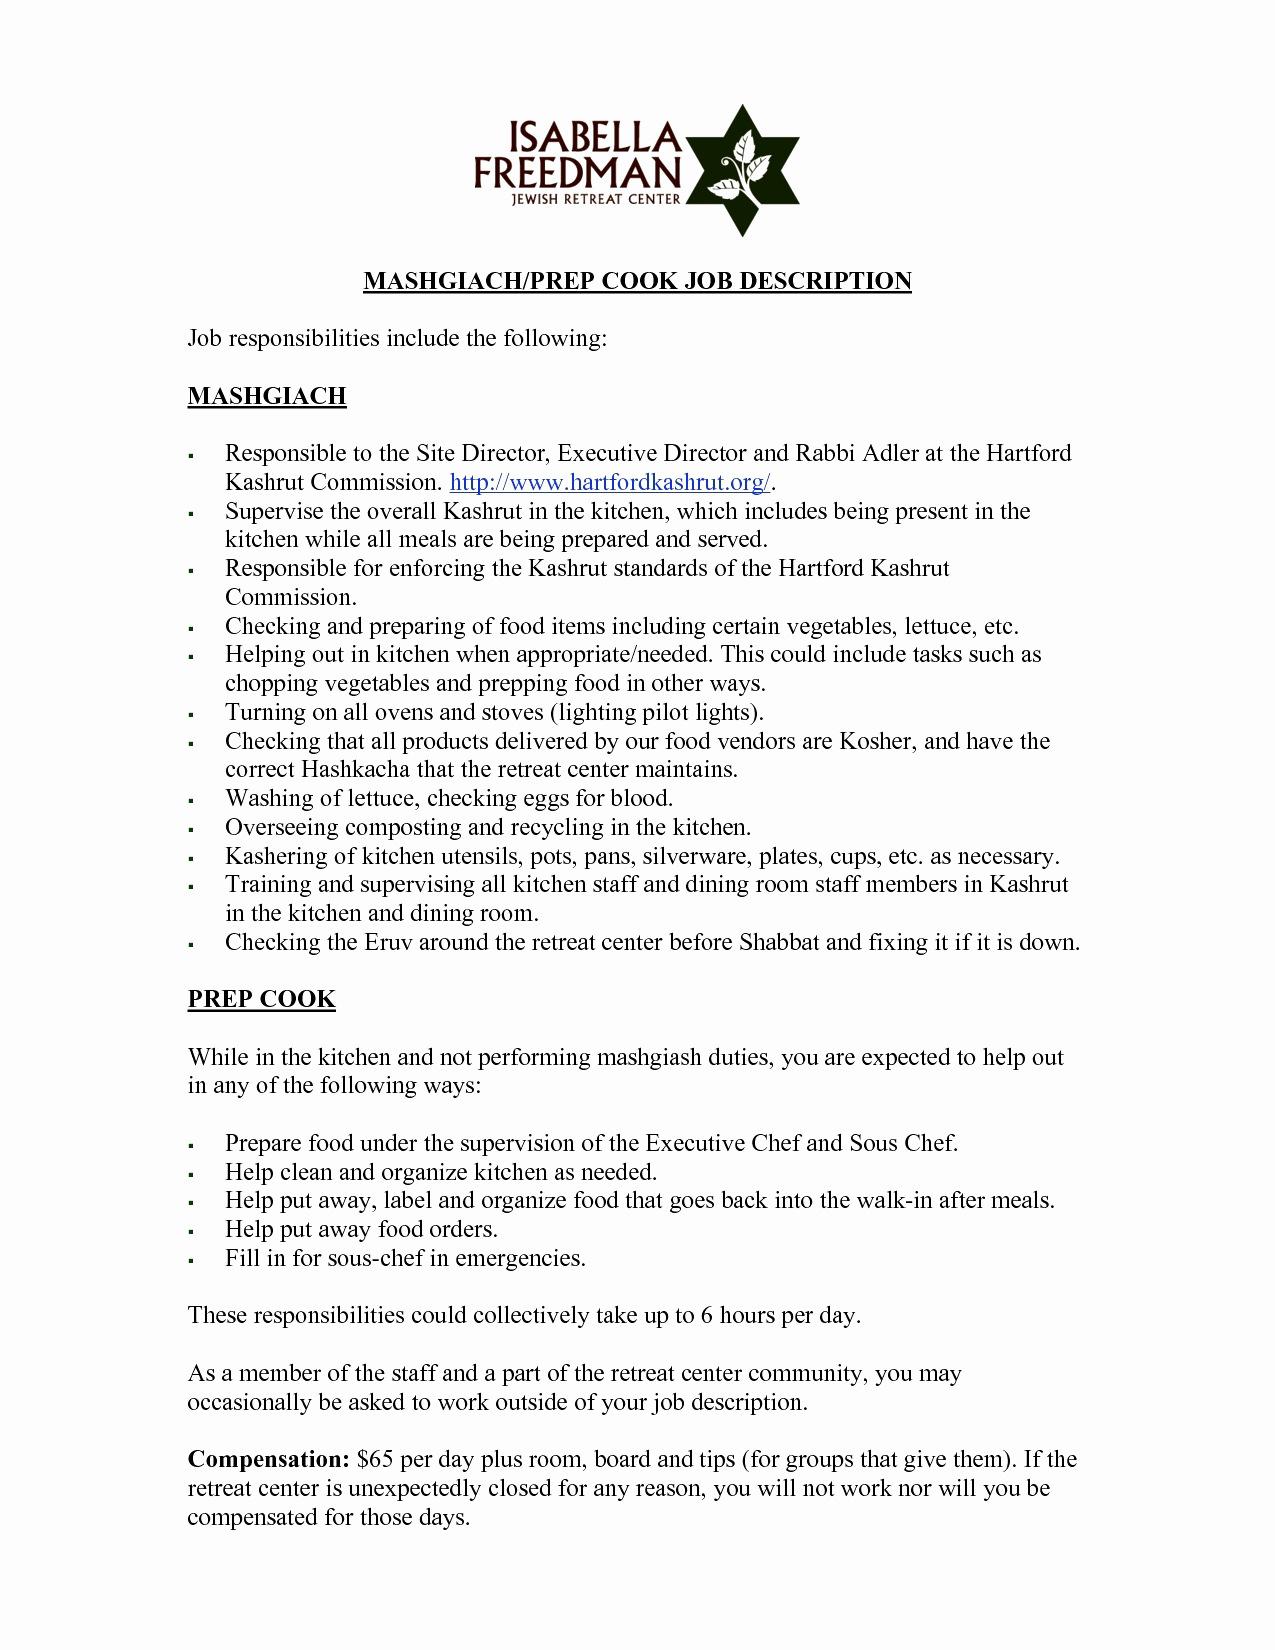 Basic Cover Letter Template - Basic Resume Outline Unique Resume and Cover Letter Template Fresh